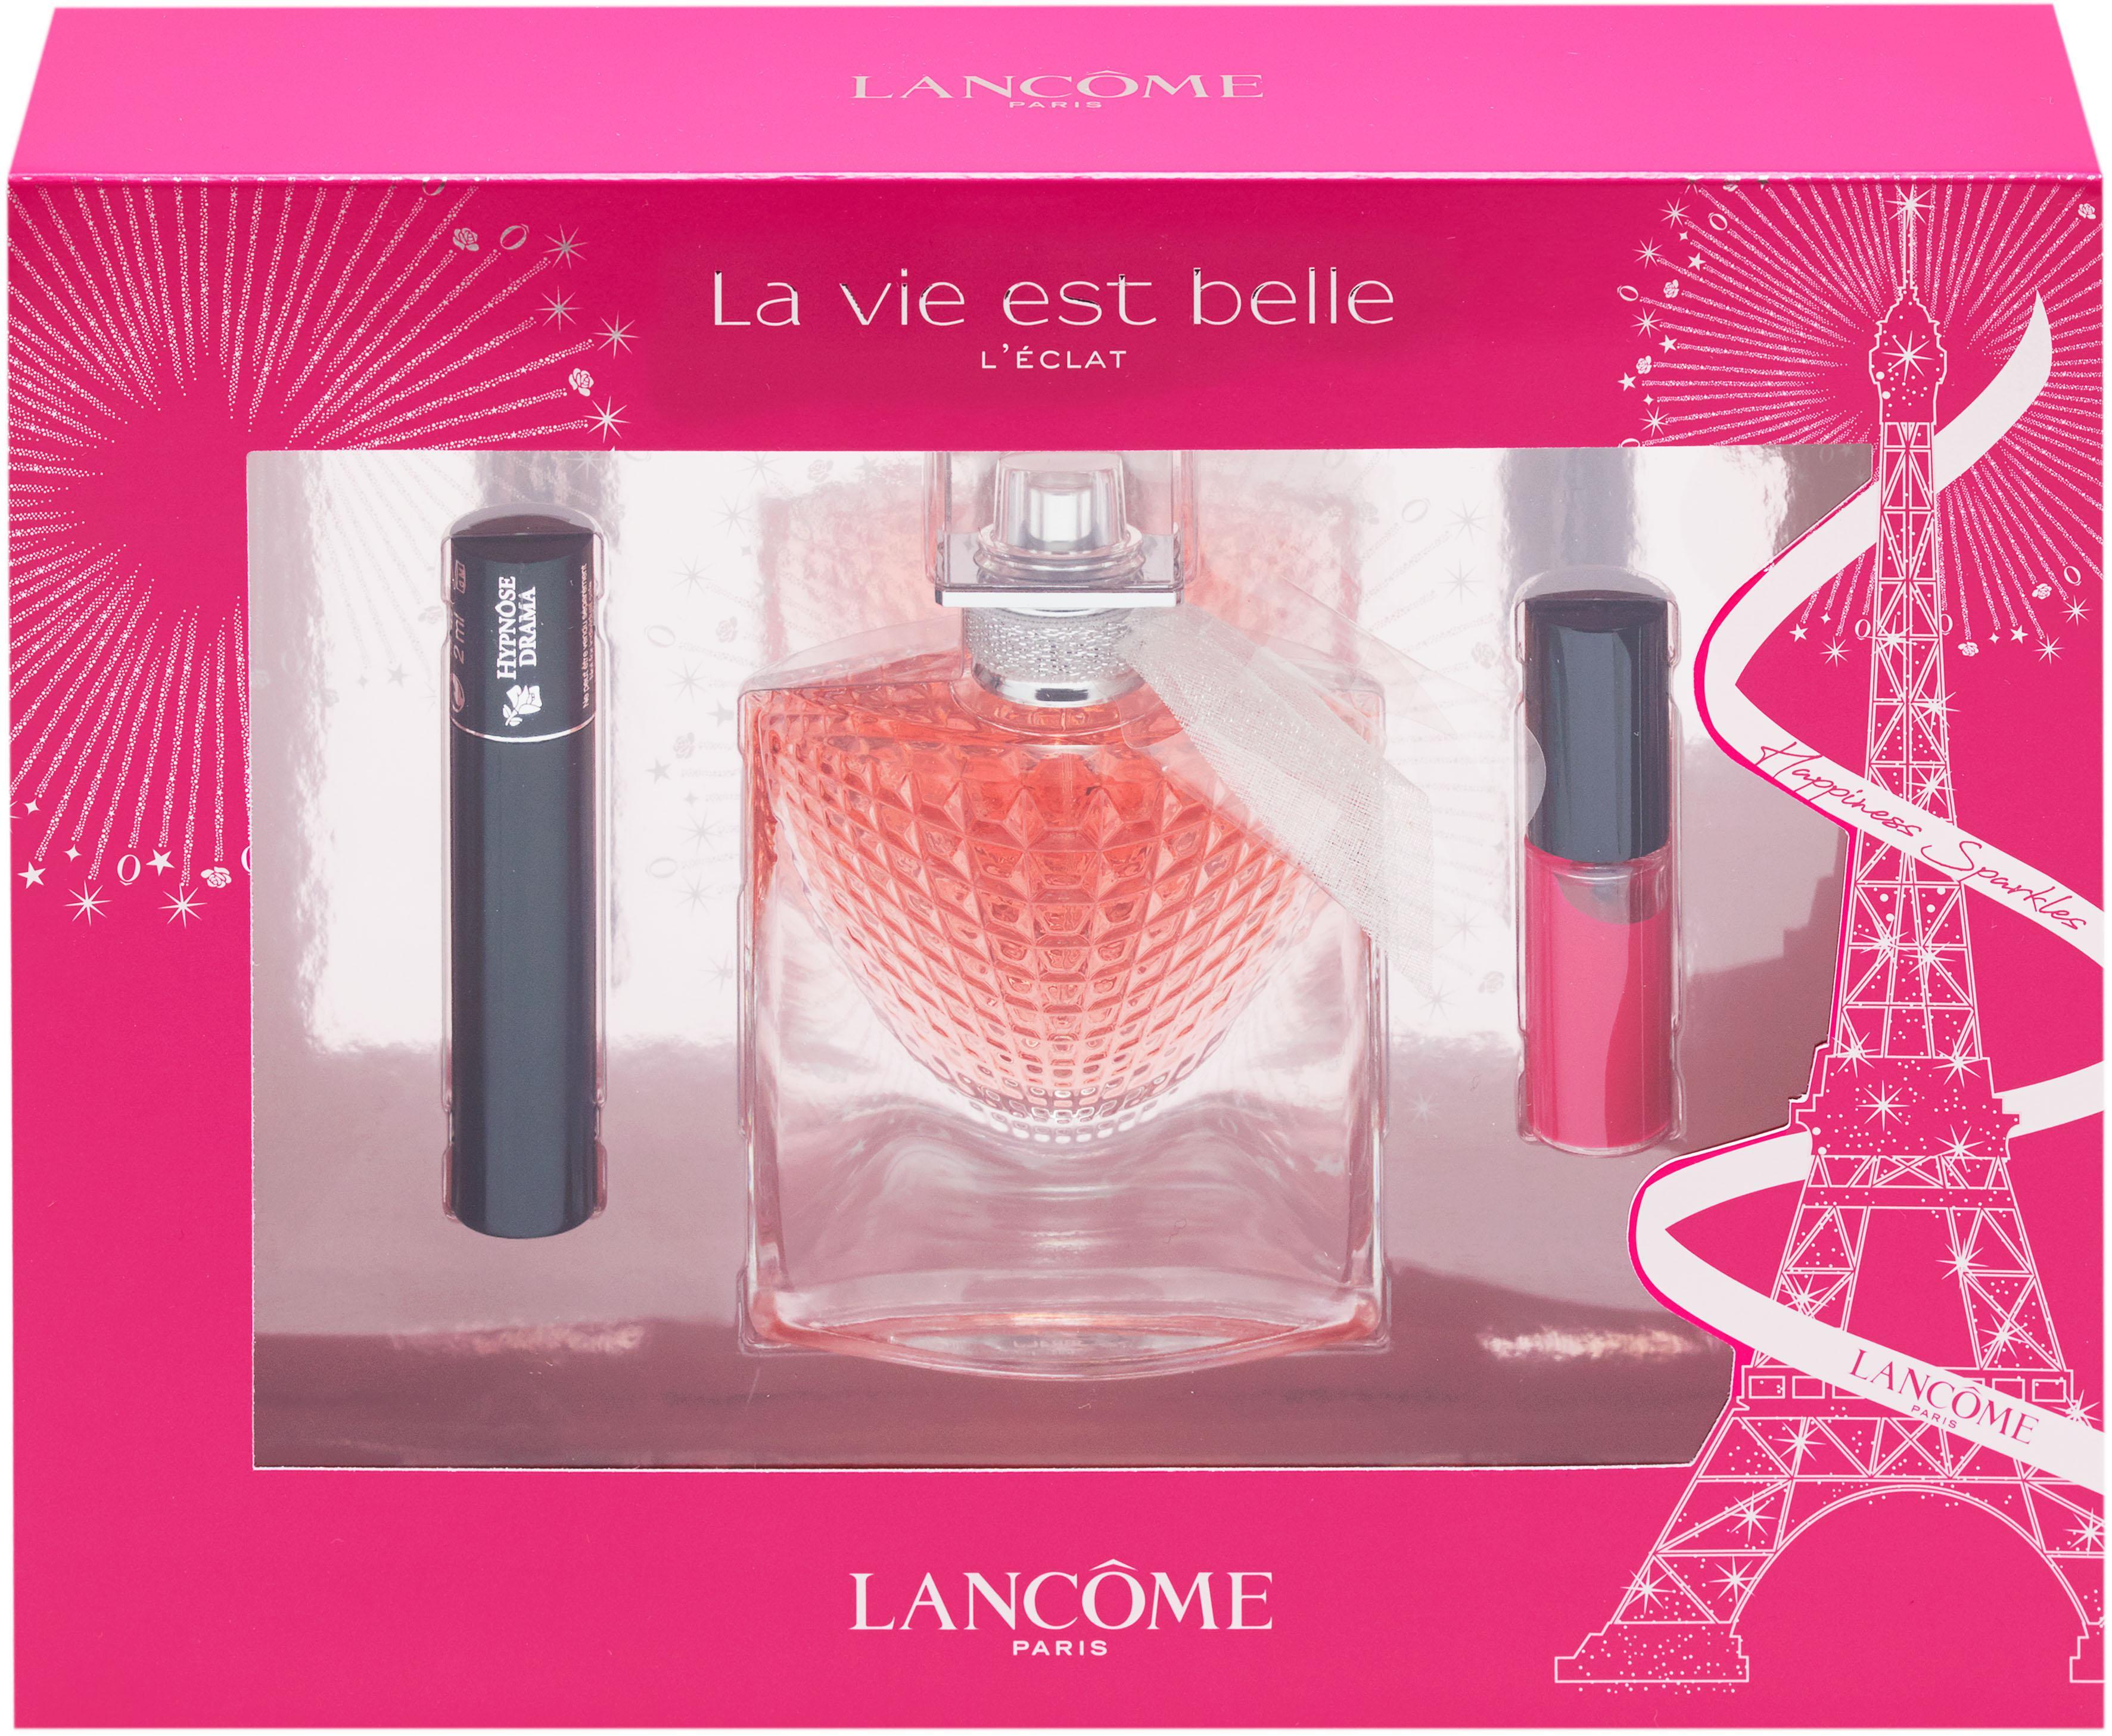 Lancôme, »La vie est belle L´Éclat«, Eau de Par...